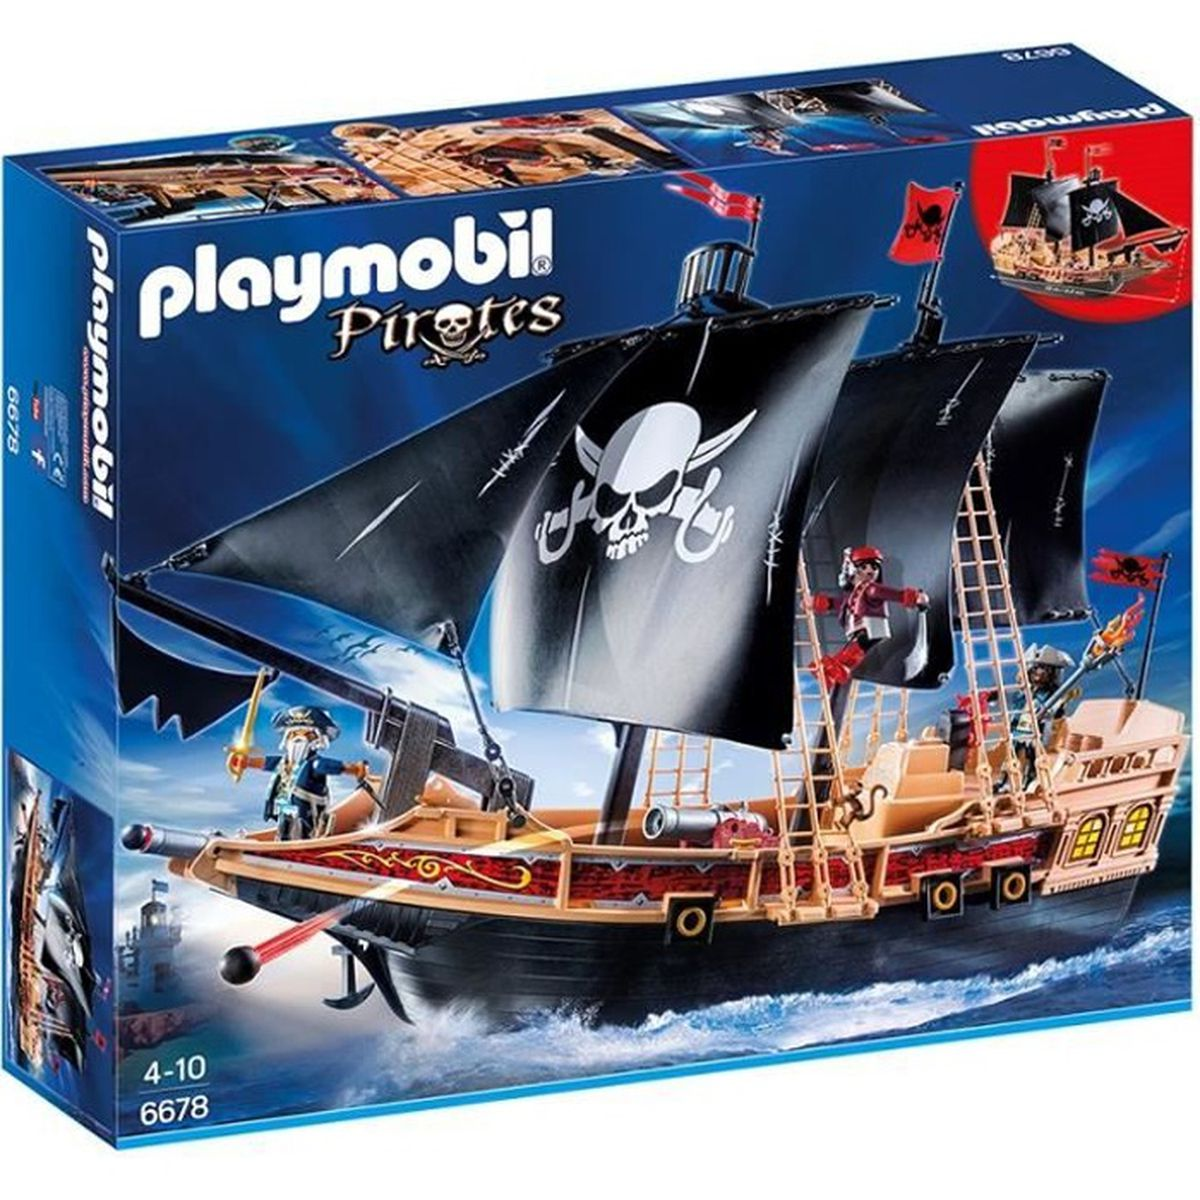 playmobil 6678 bateau pirates des t n bres achat vente univers miniature cadeaux de no l. Black Bedroom Furniture Sets. Home Design Ideas